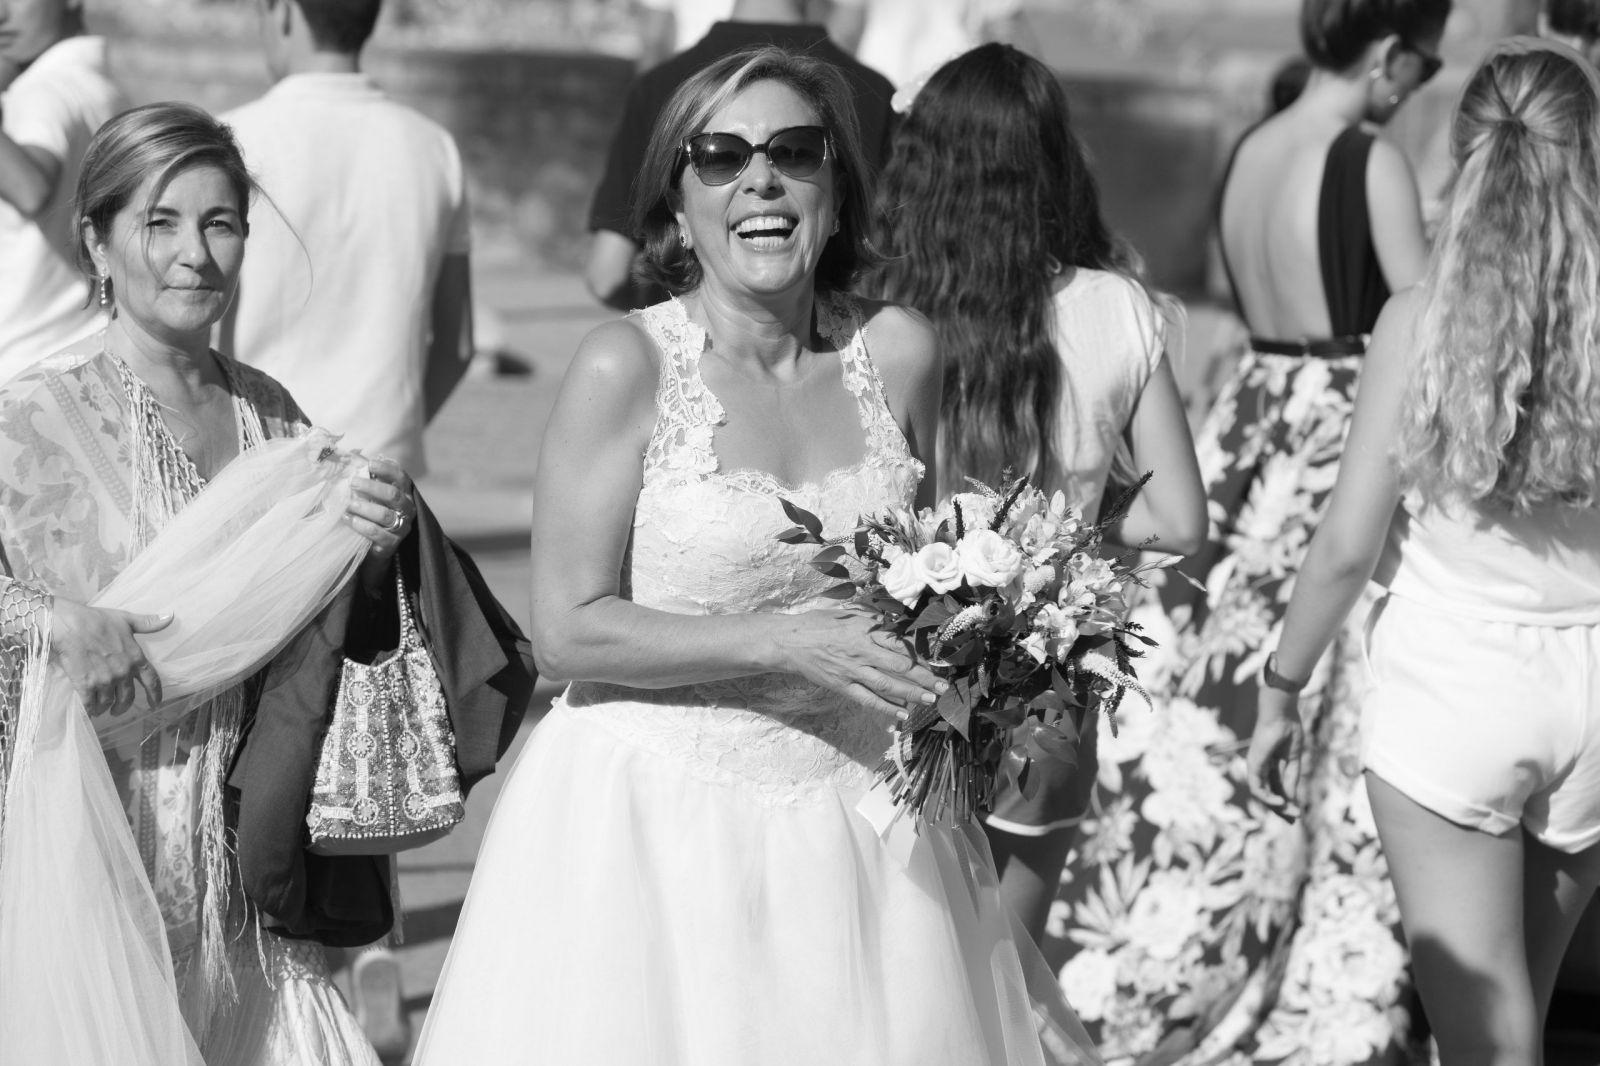 fotografo-boda-intima-sitges-barcelona-307